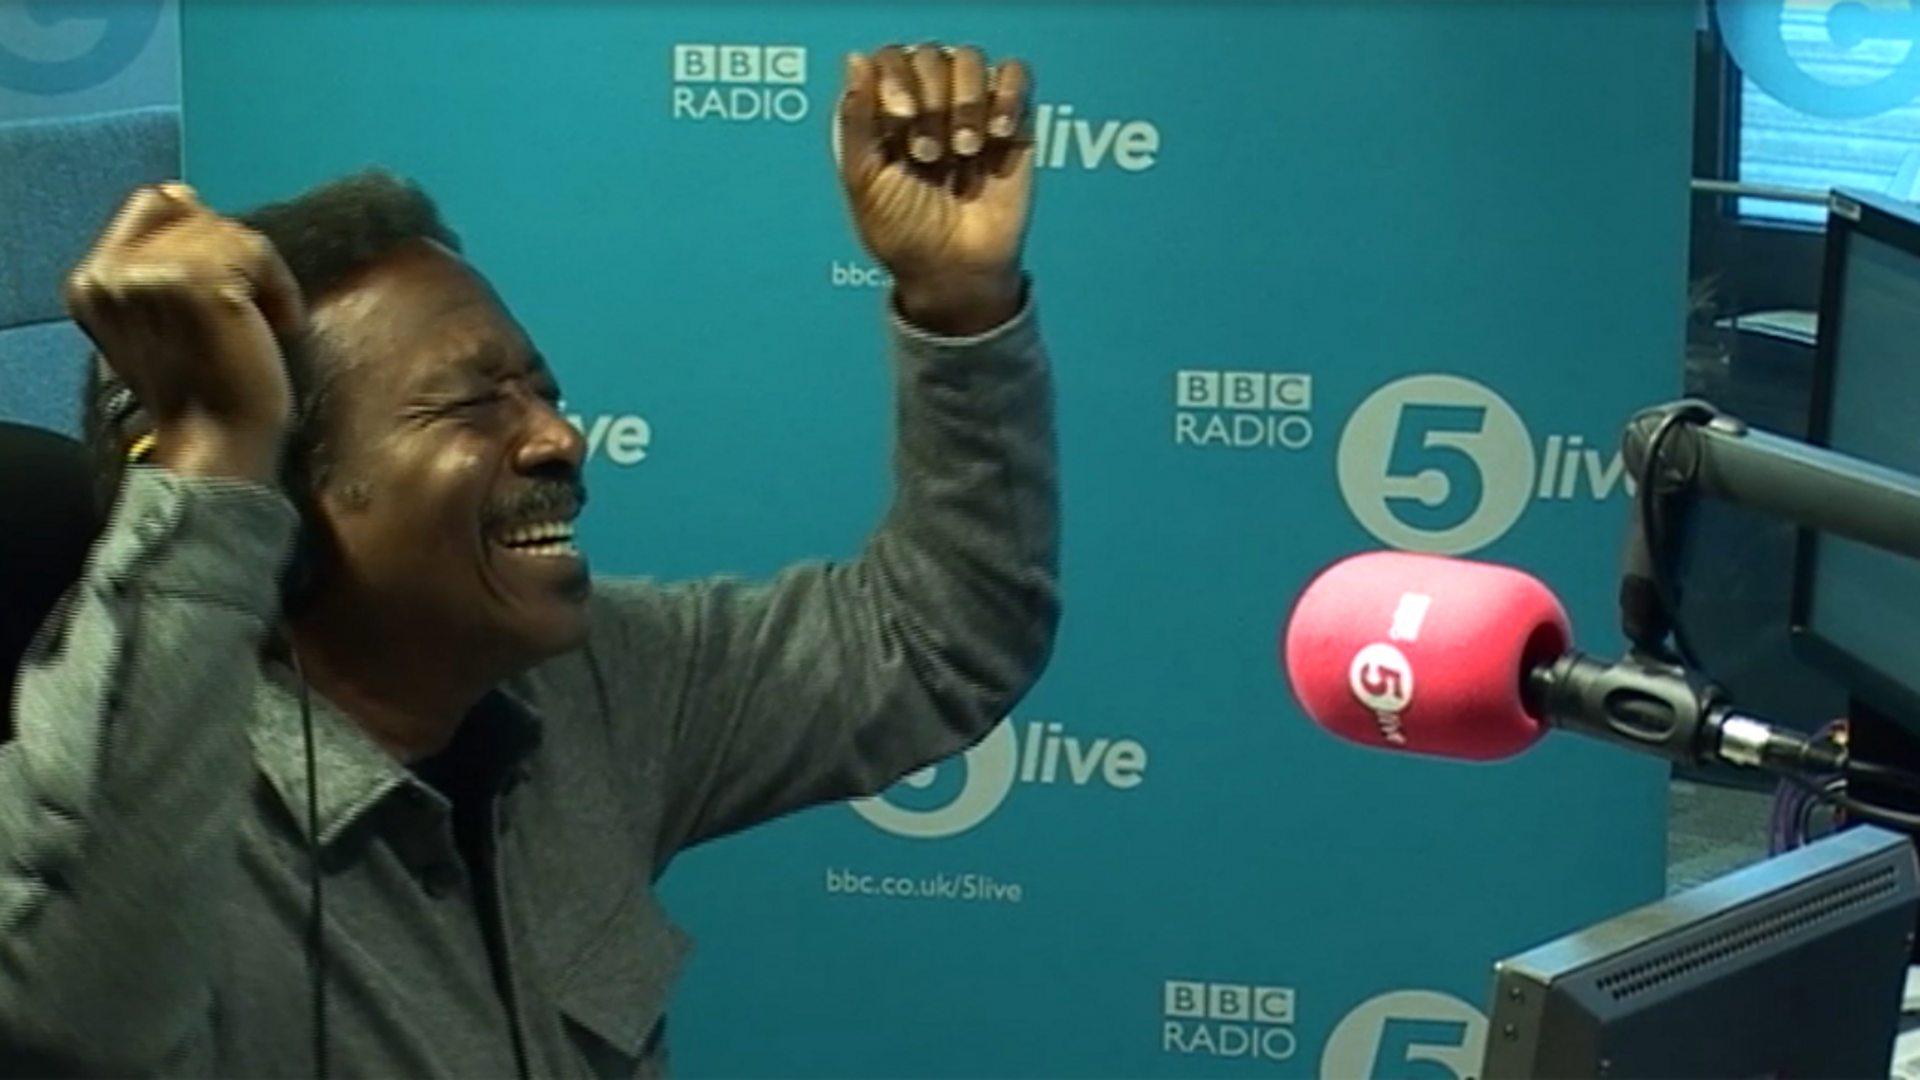 BBC Radio 5 live - In Short, Clarke Peters sings Boogie Nights